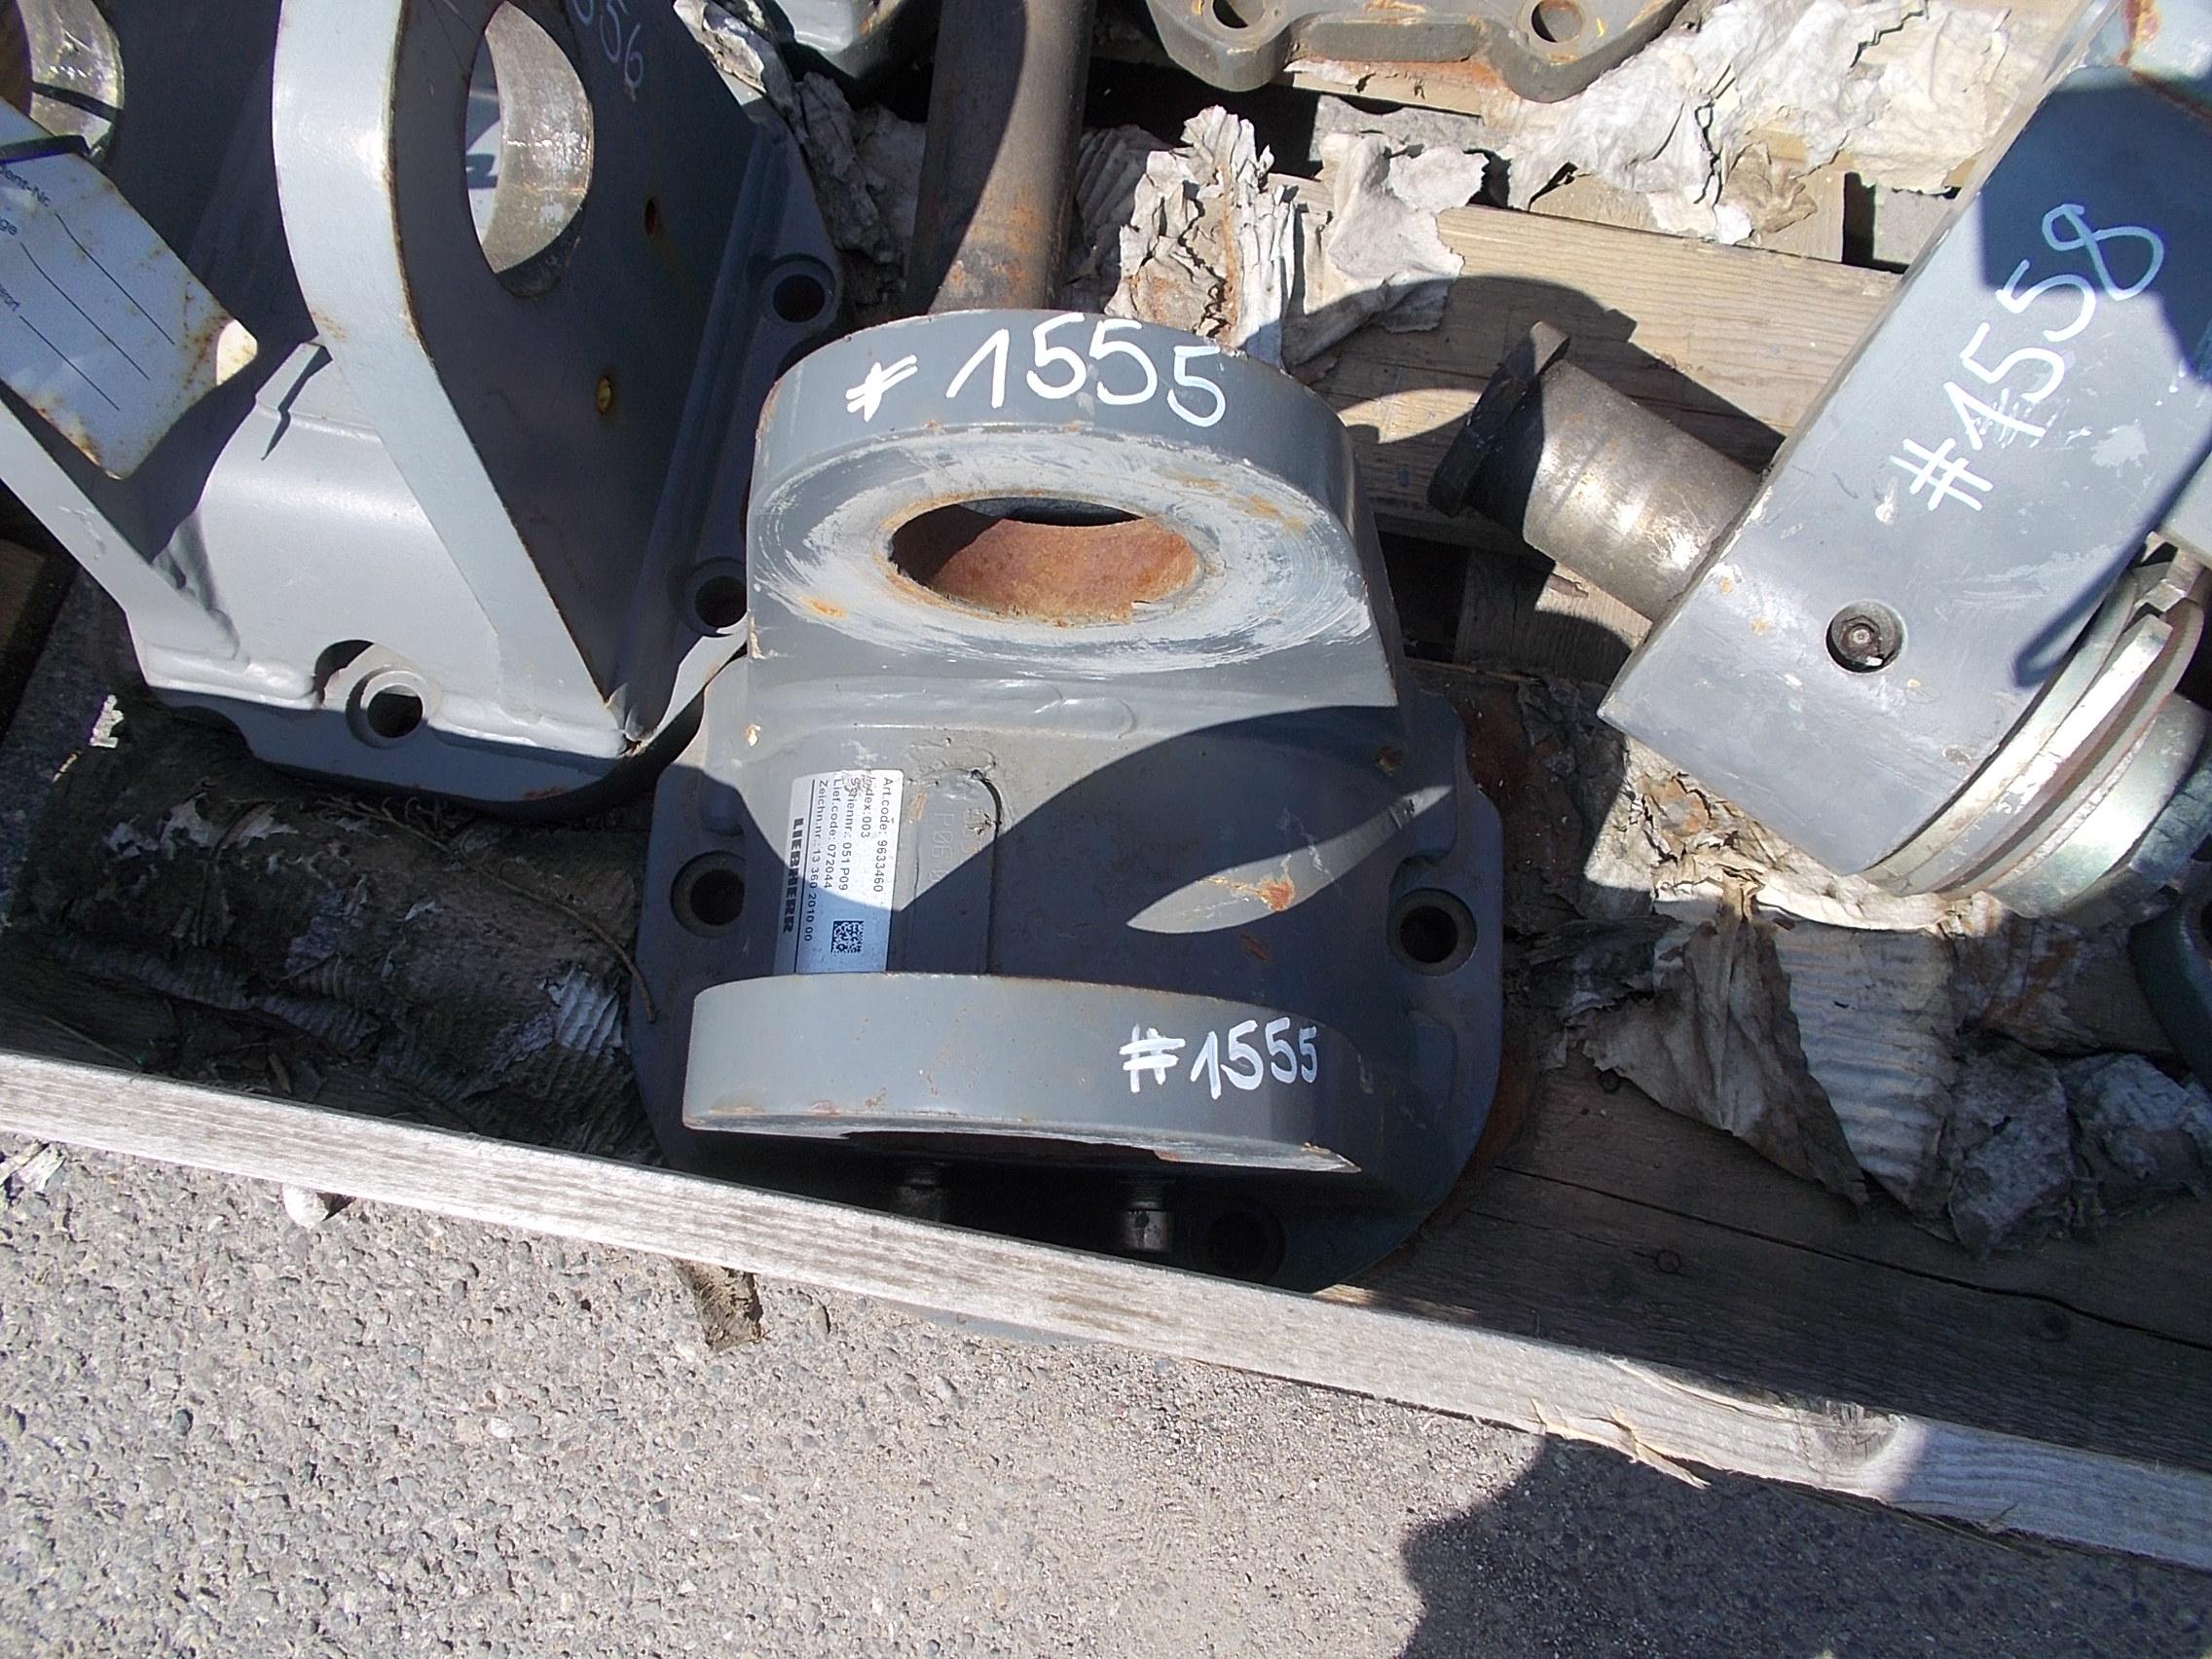 DSCN1550.JPG